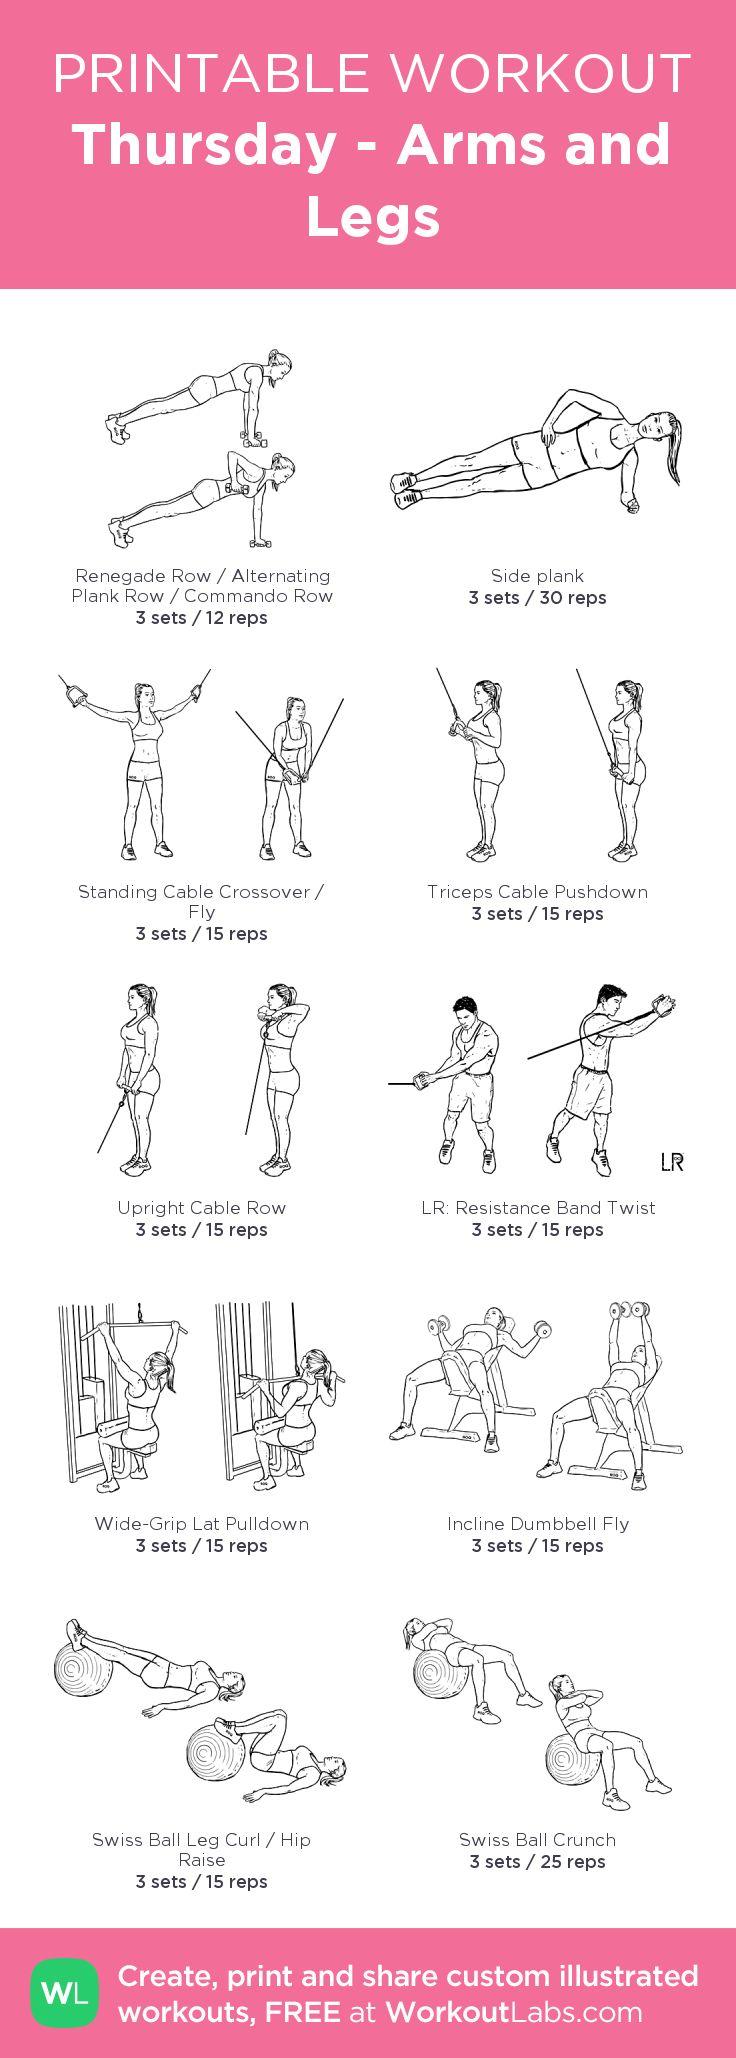 Thursday - Arms and Legs:my custom printable workout by @WorkoutLabs #workoutlabs #customworkout